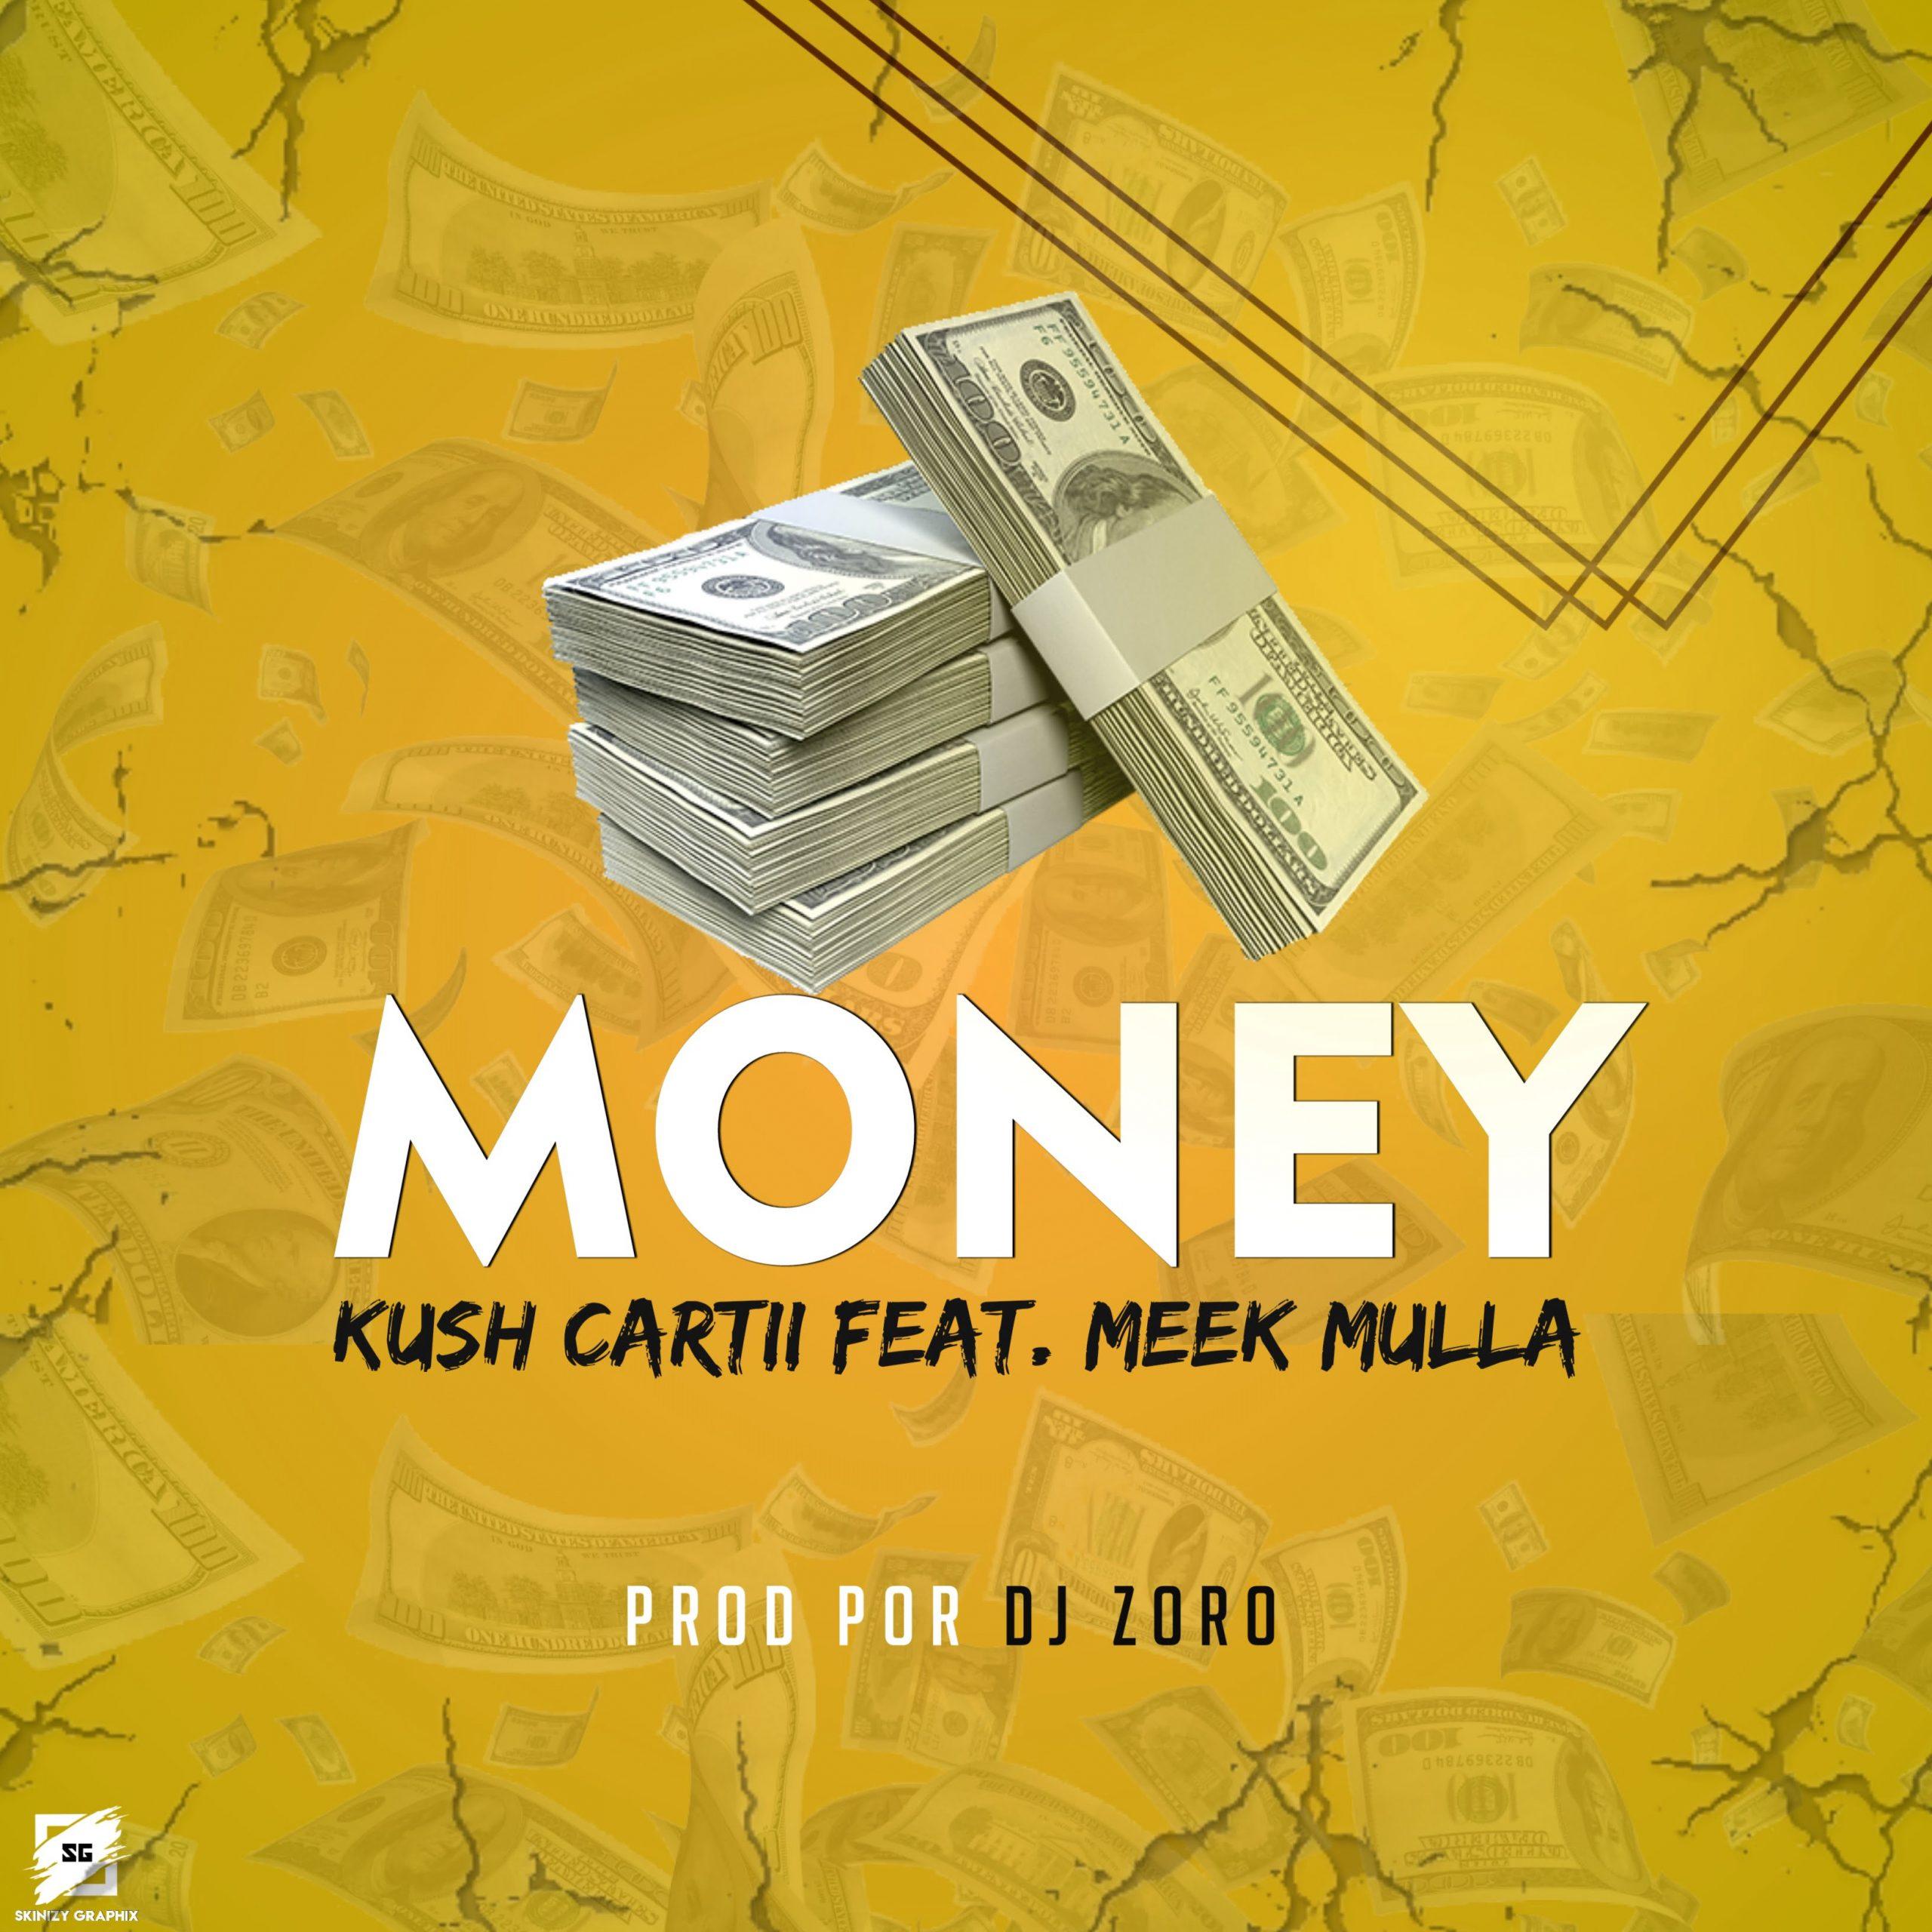 Kush Cartii - Money